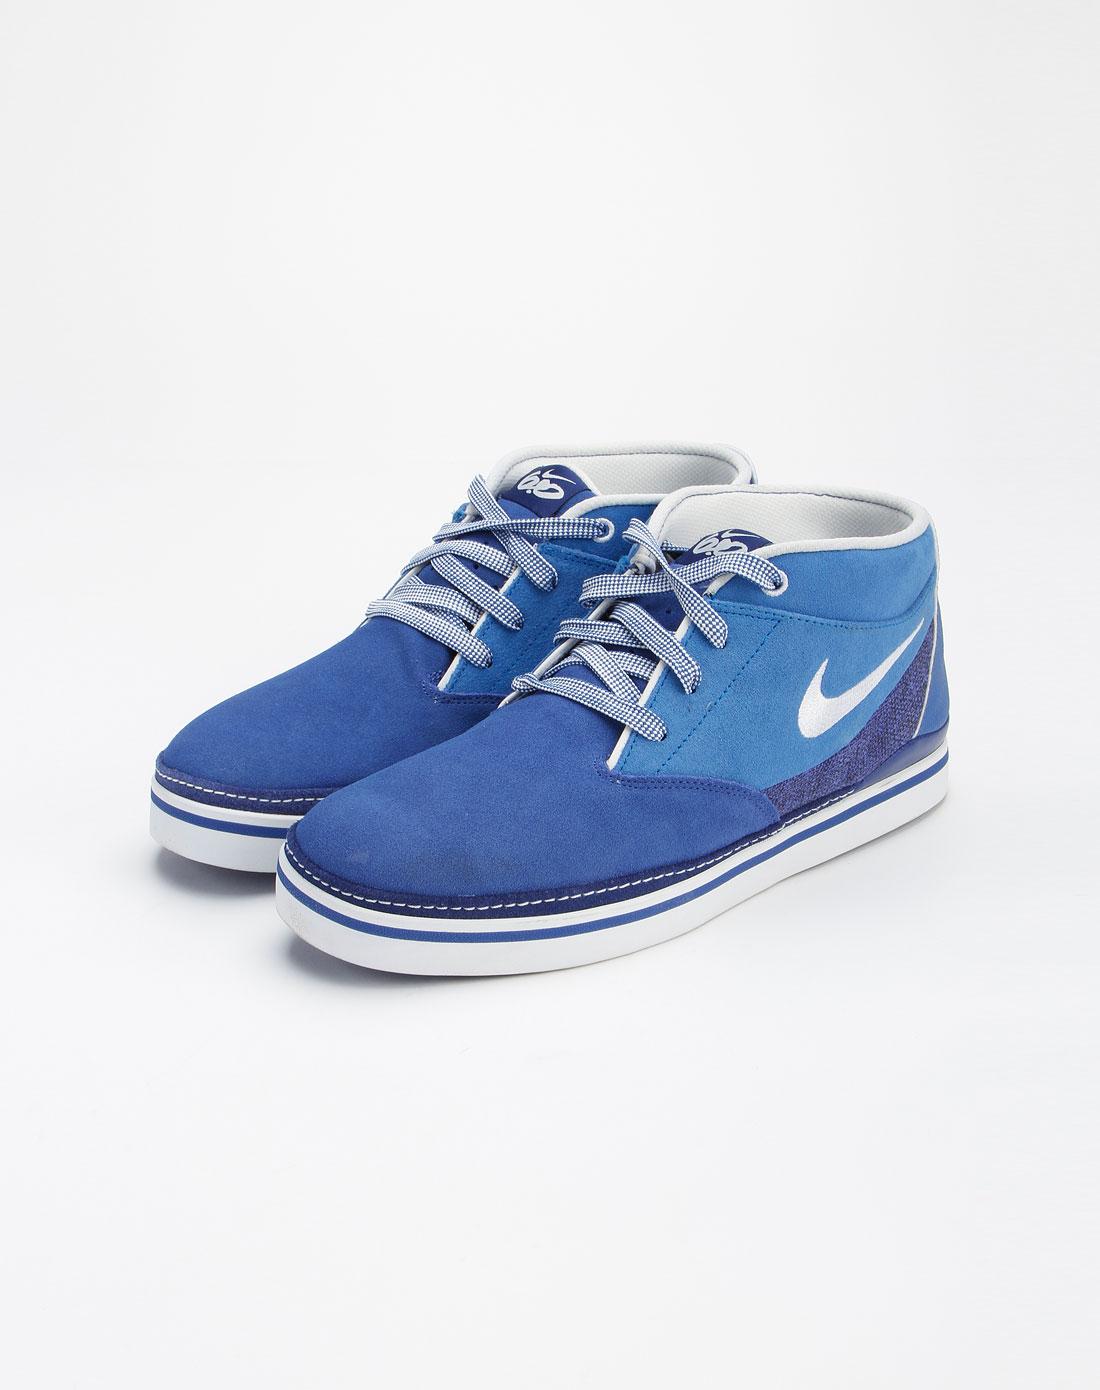 耐克nike蓝色休闲时尚绑带运动鞋